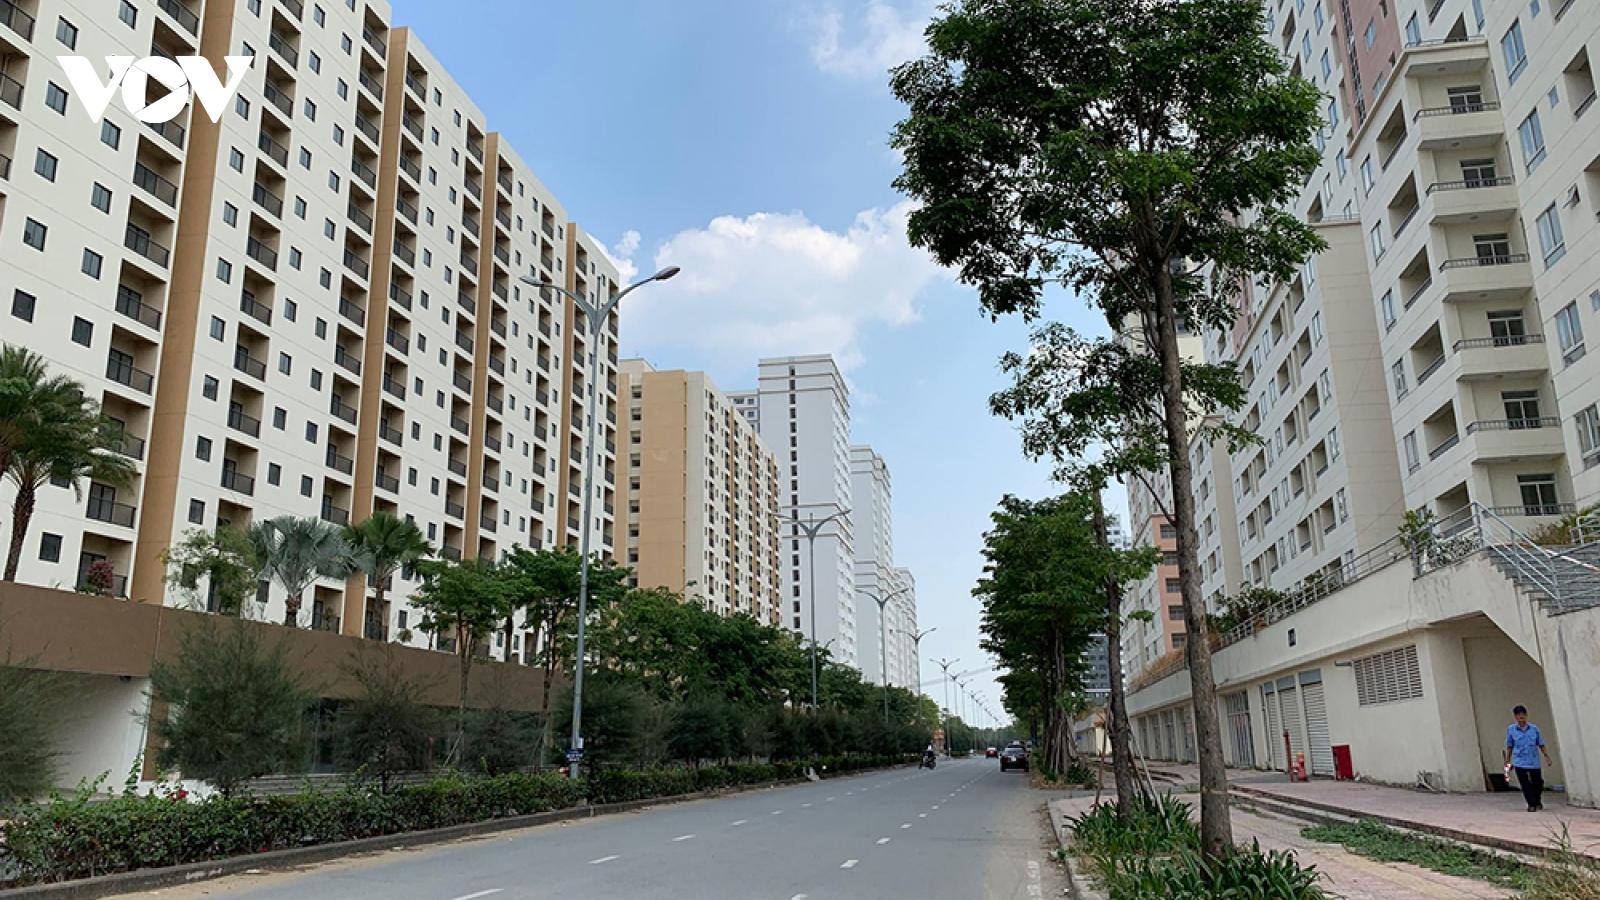 Nguồn vốn khó khăn gây trở ngại trong xây dựng đại đô thị